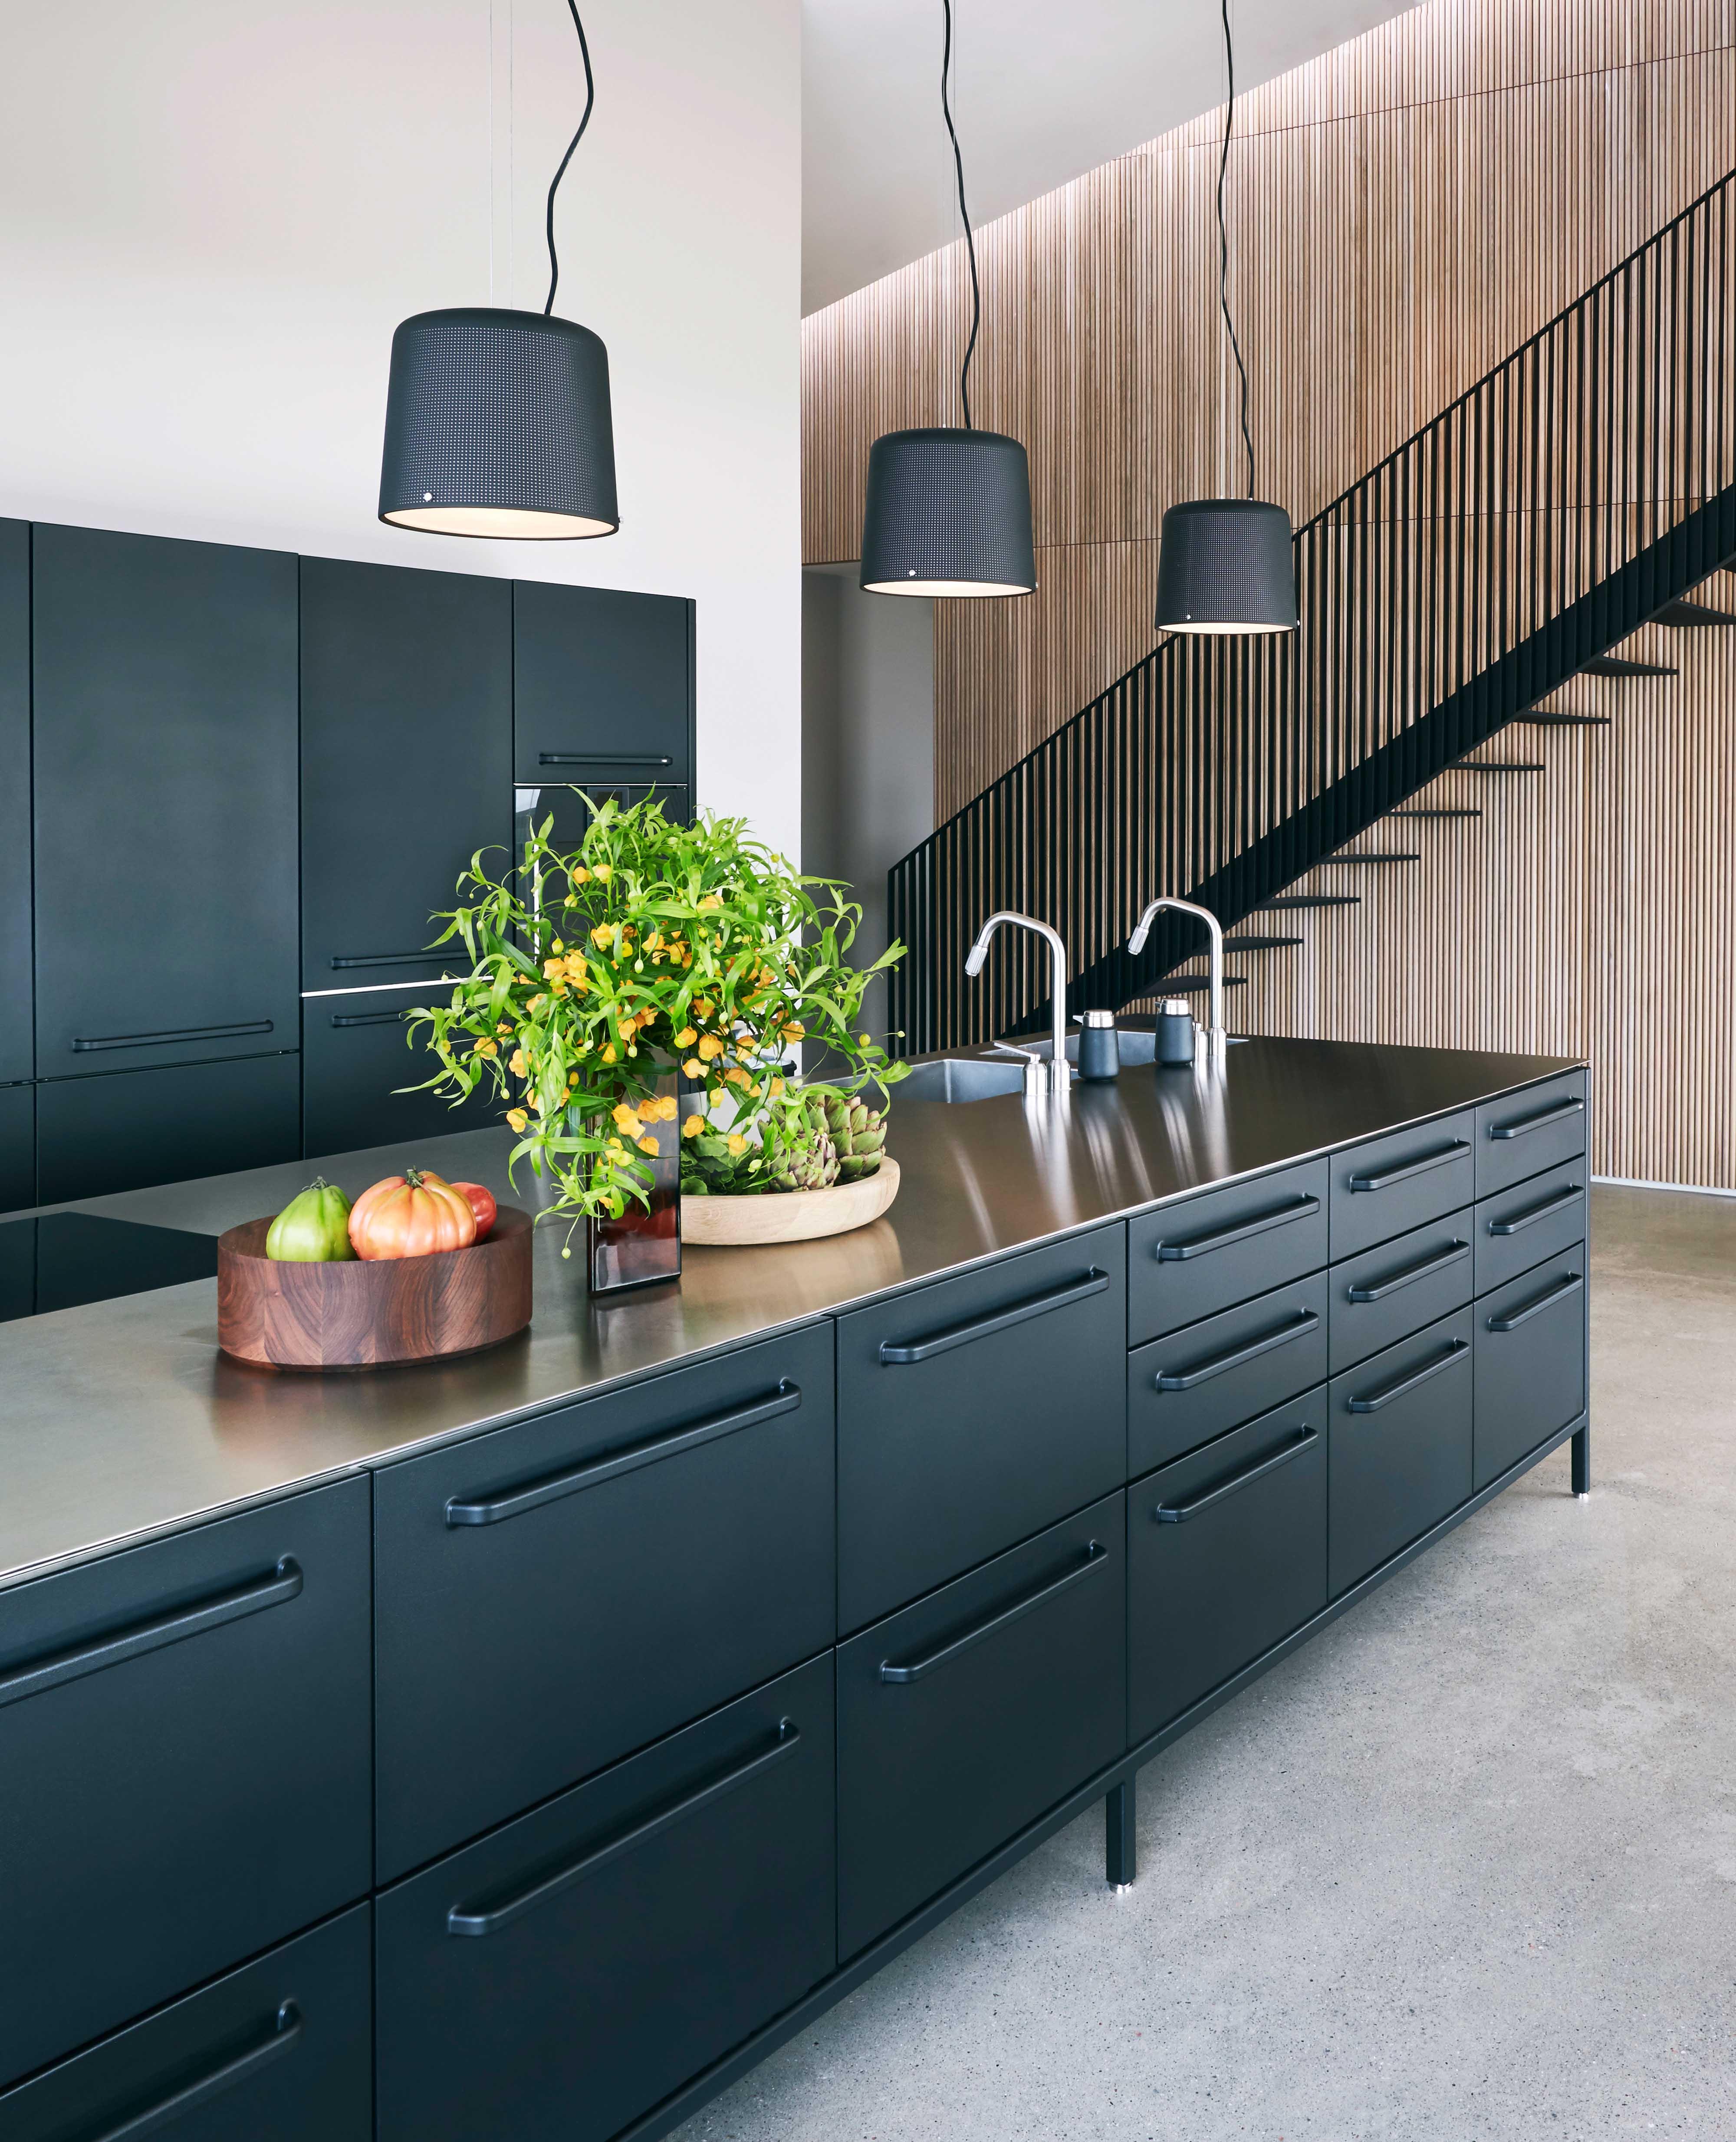 vipp-kitchen-edinburgh